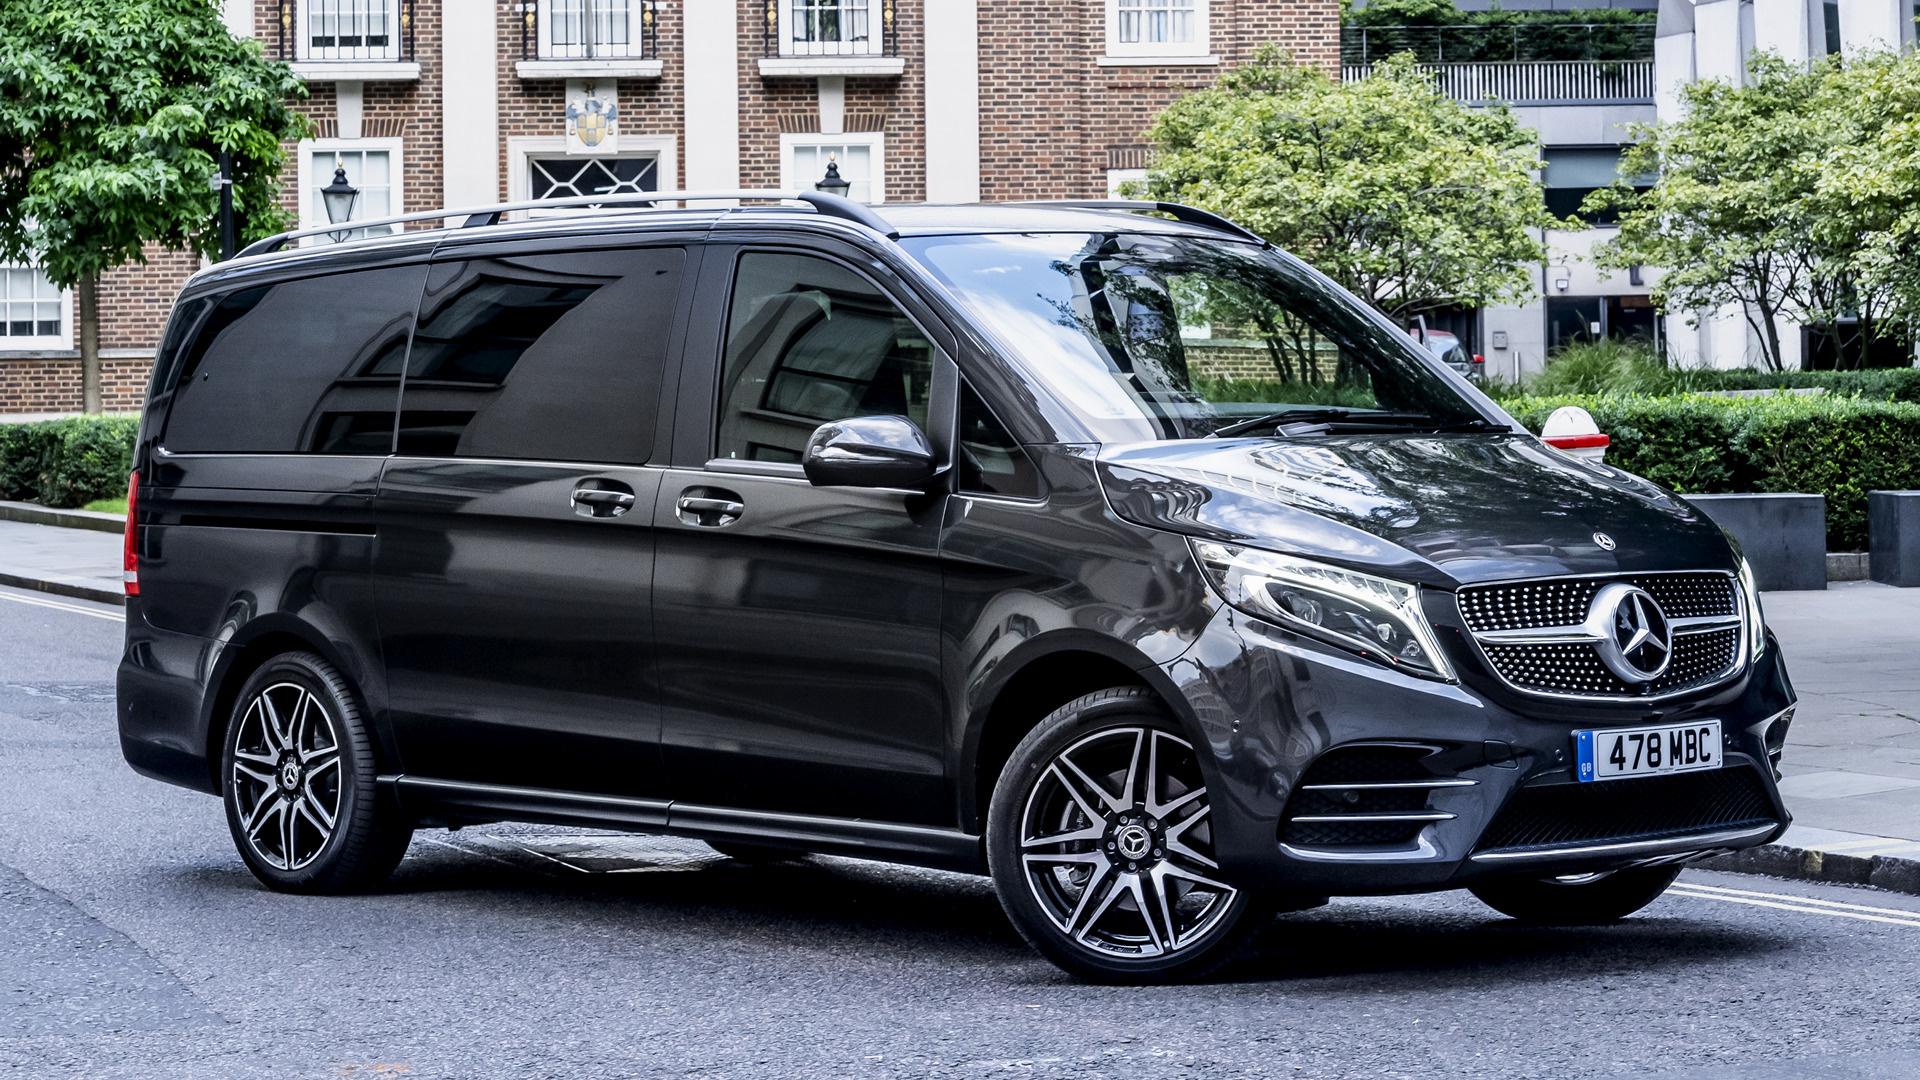 Mercedes-Benz V-Class showing its exterior